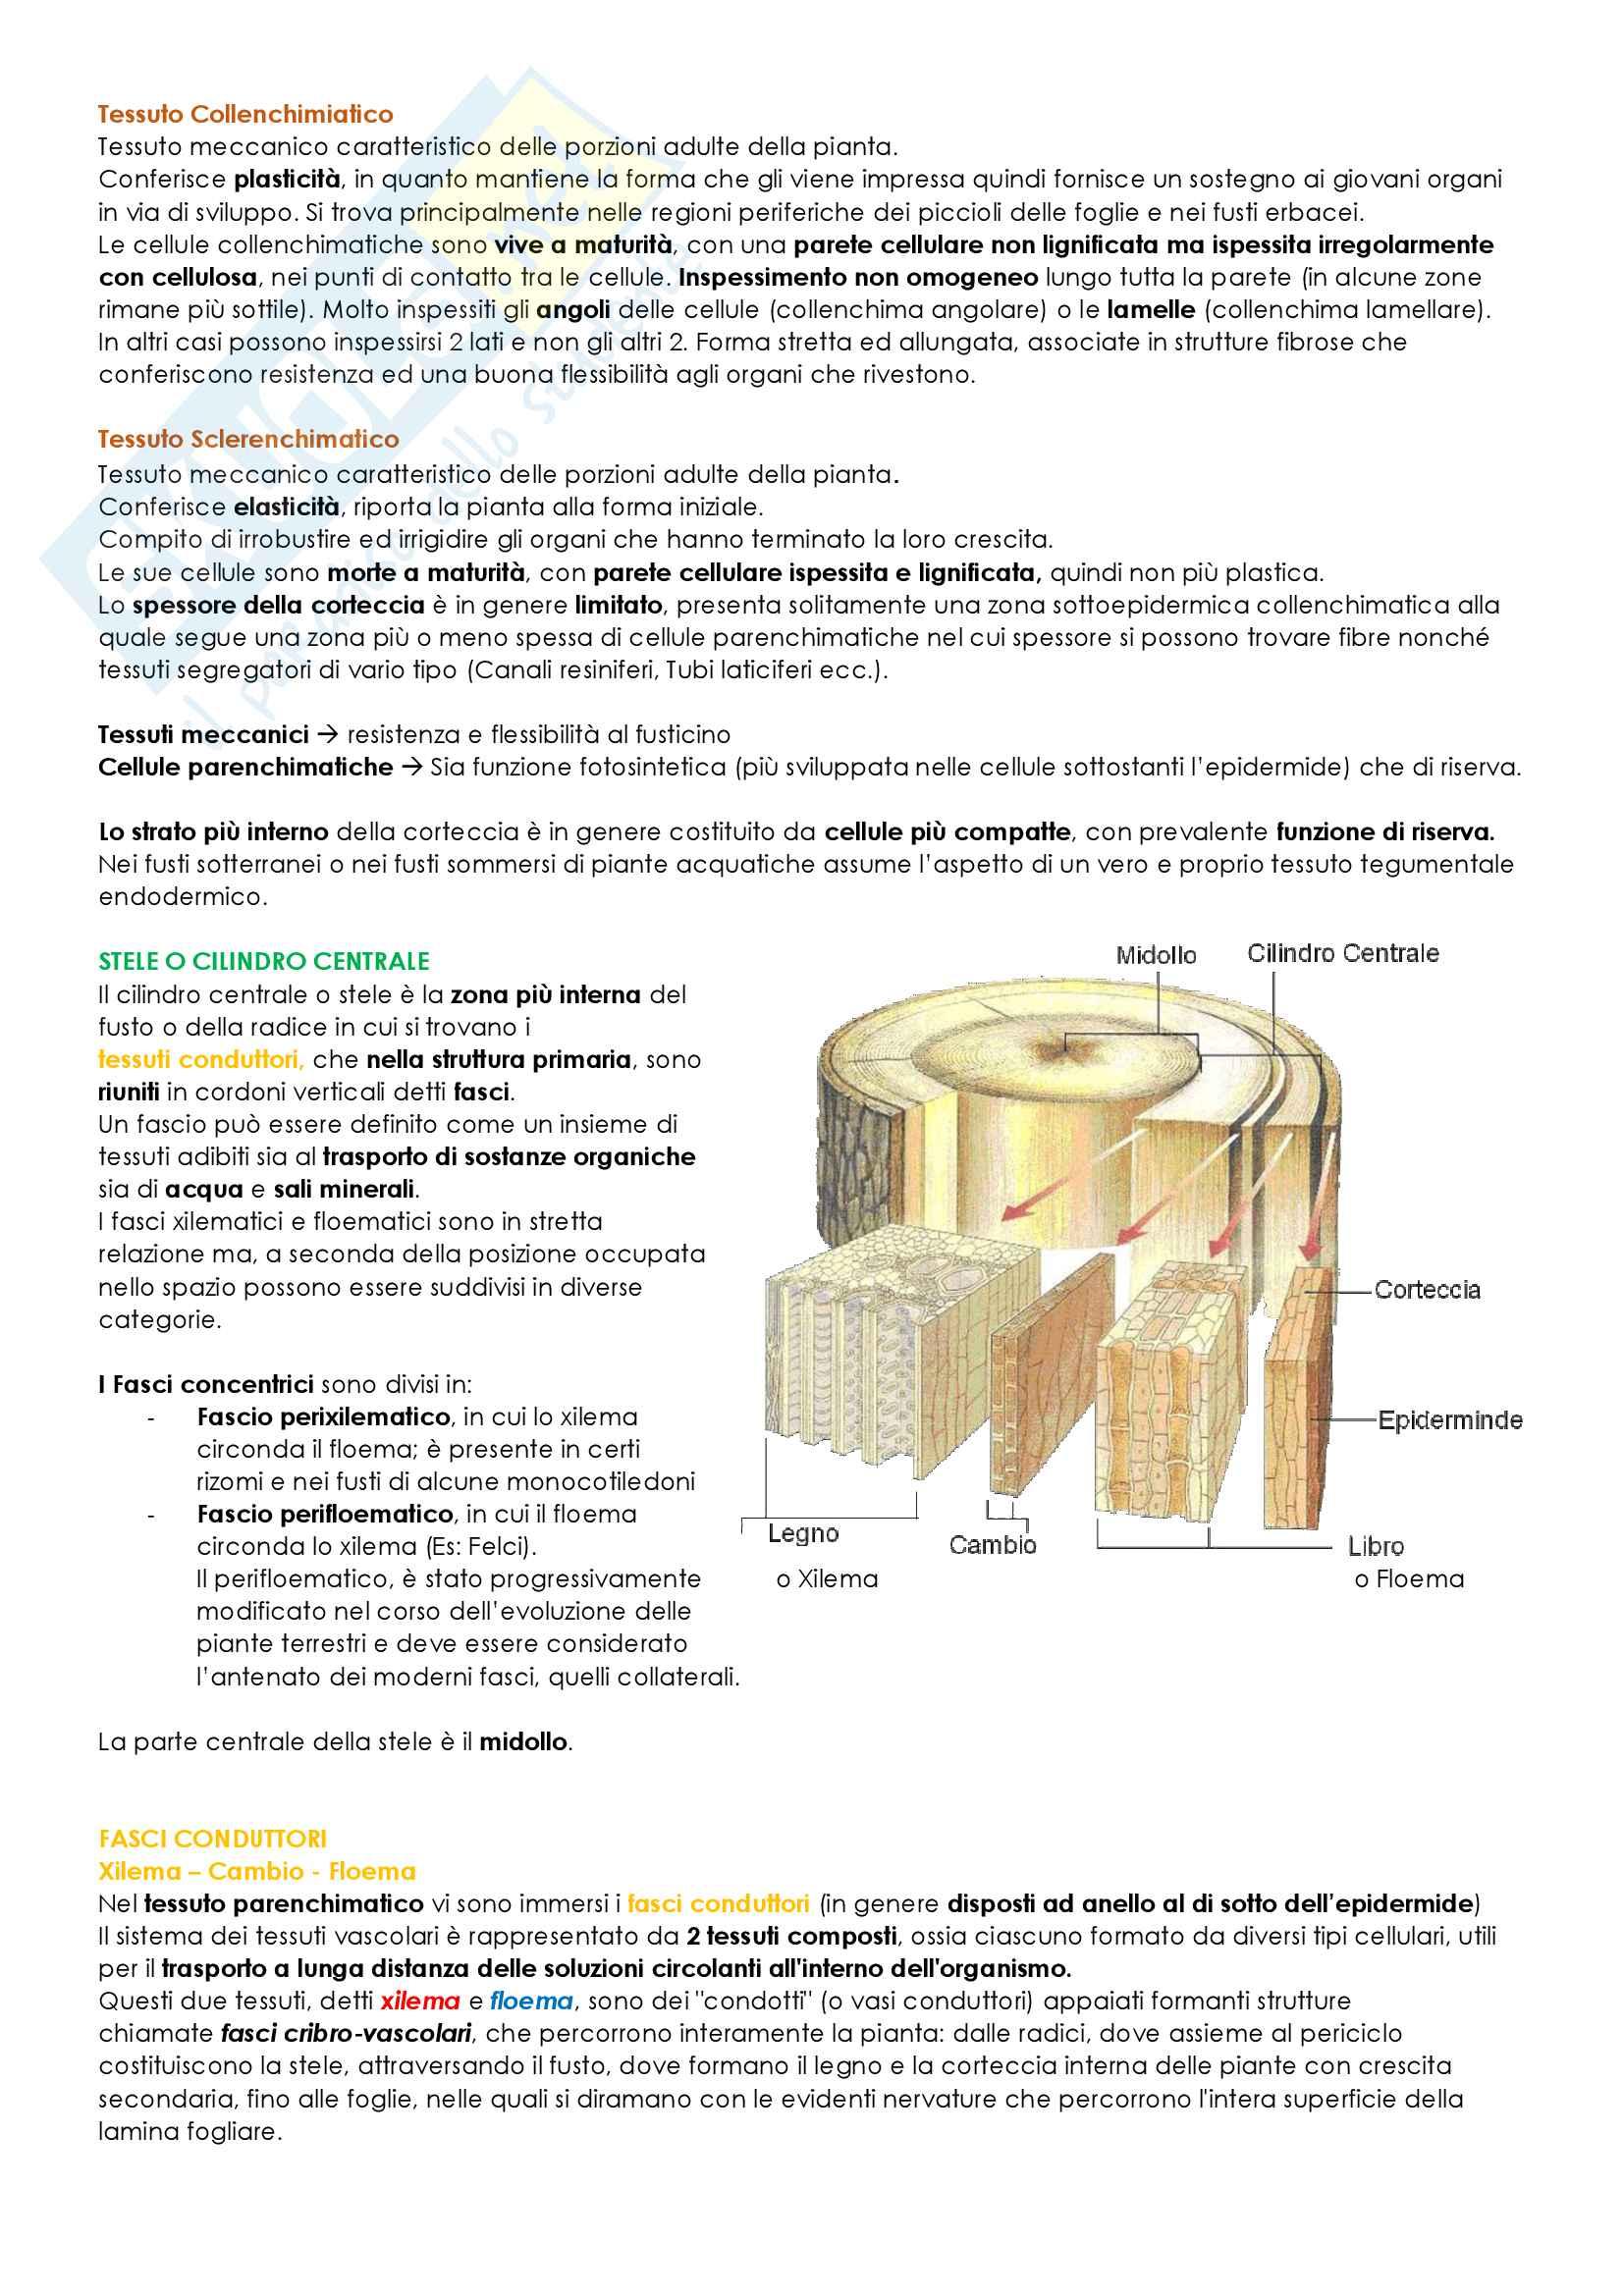 Biologia Vegetale Pag. 26